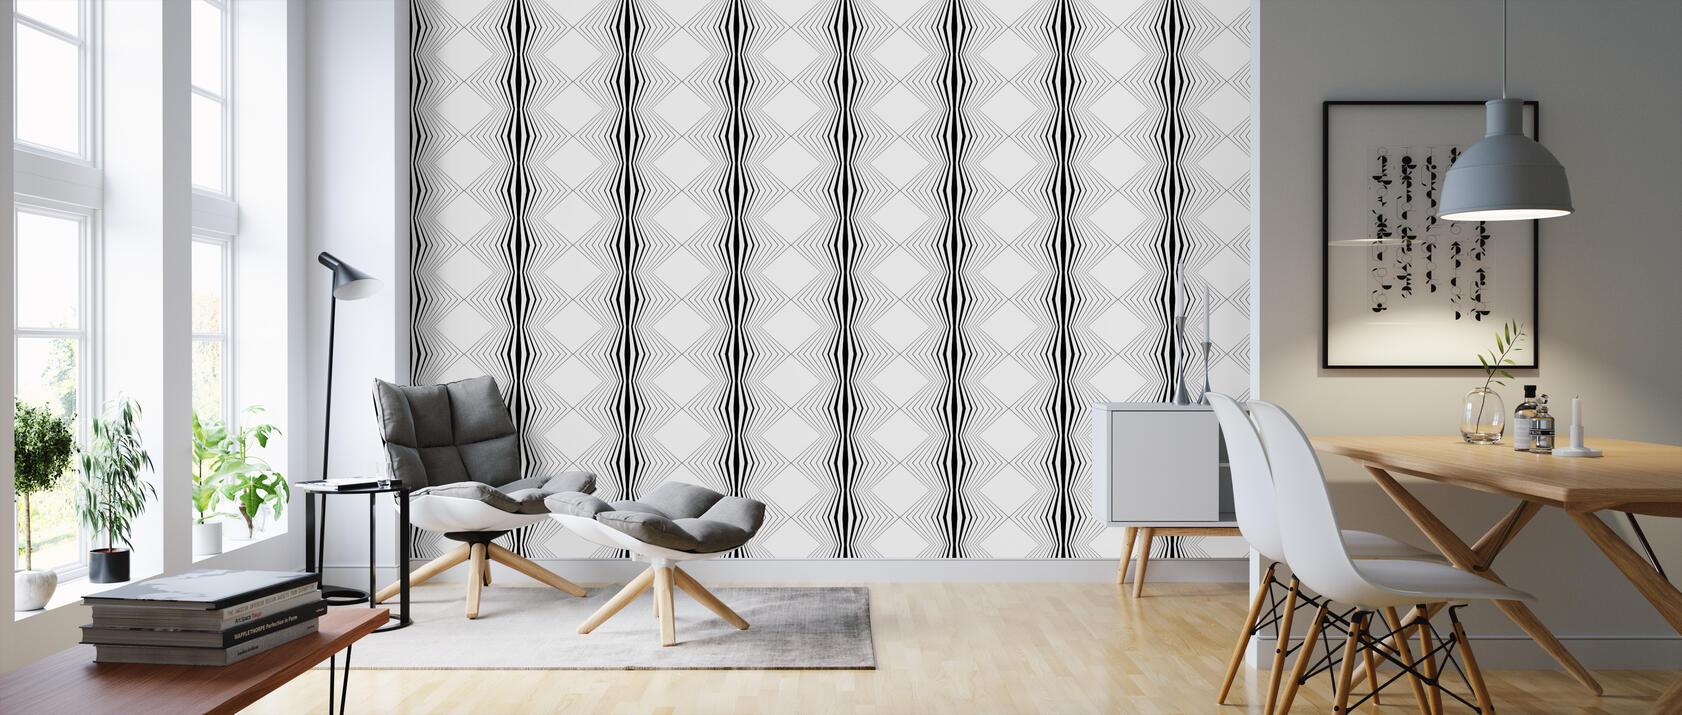 zhape black and white eine tapete f r jeden raum und jedes ambiente photowall. Black Bedroom Furniture Sets. Home Design Ideas